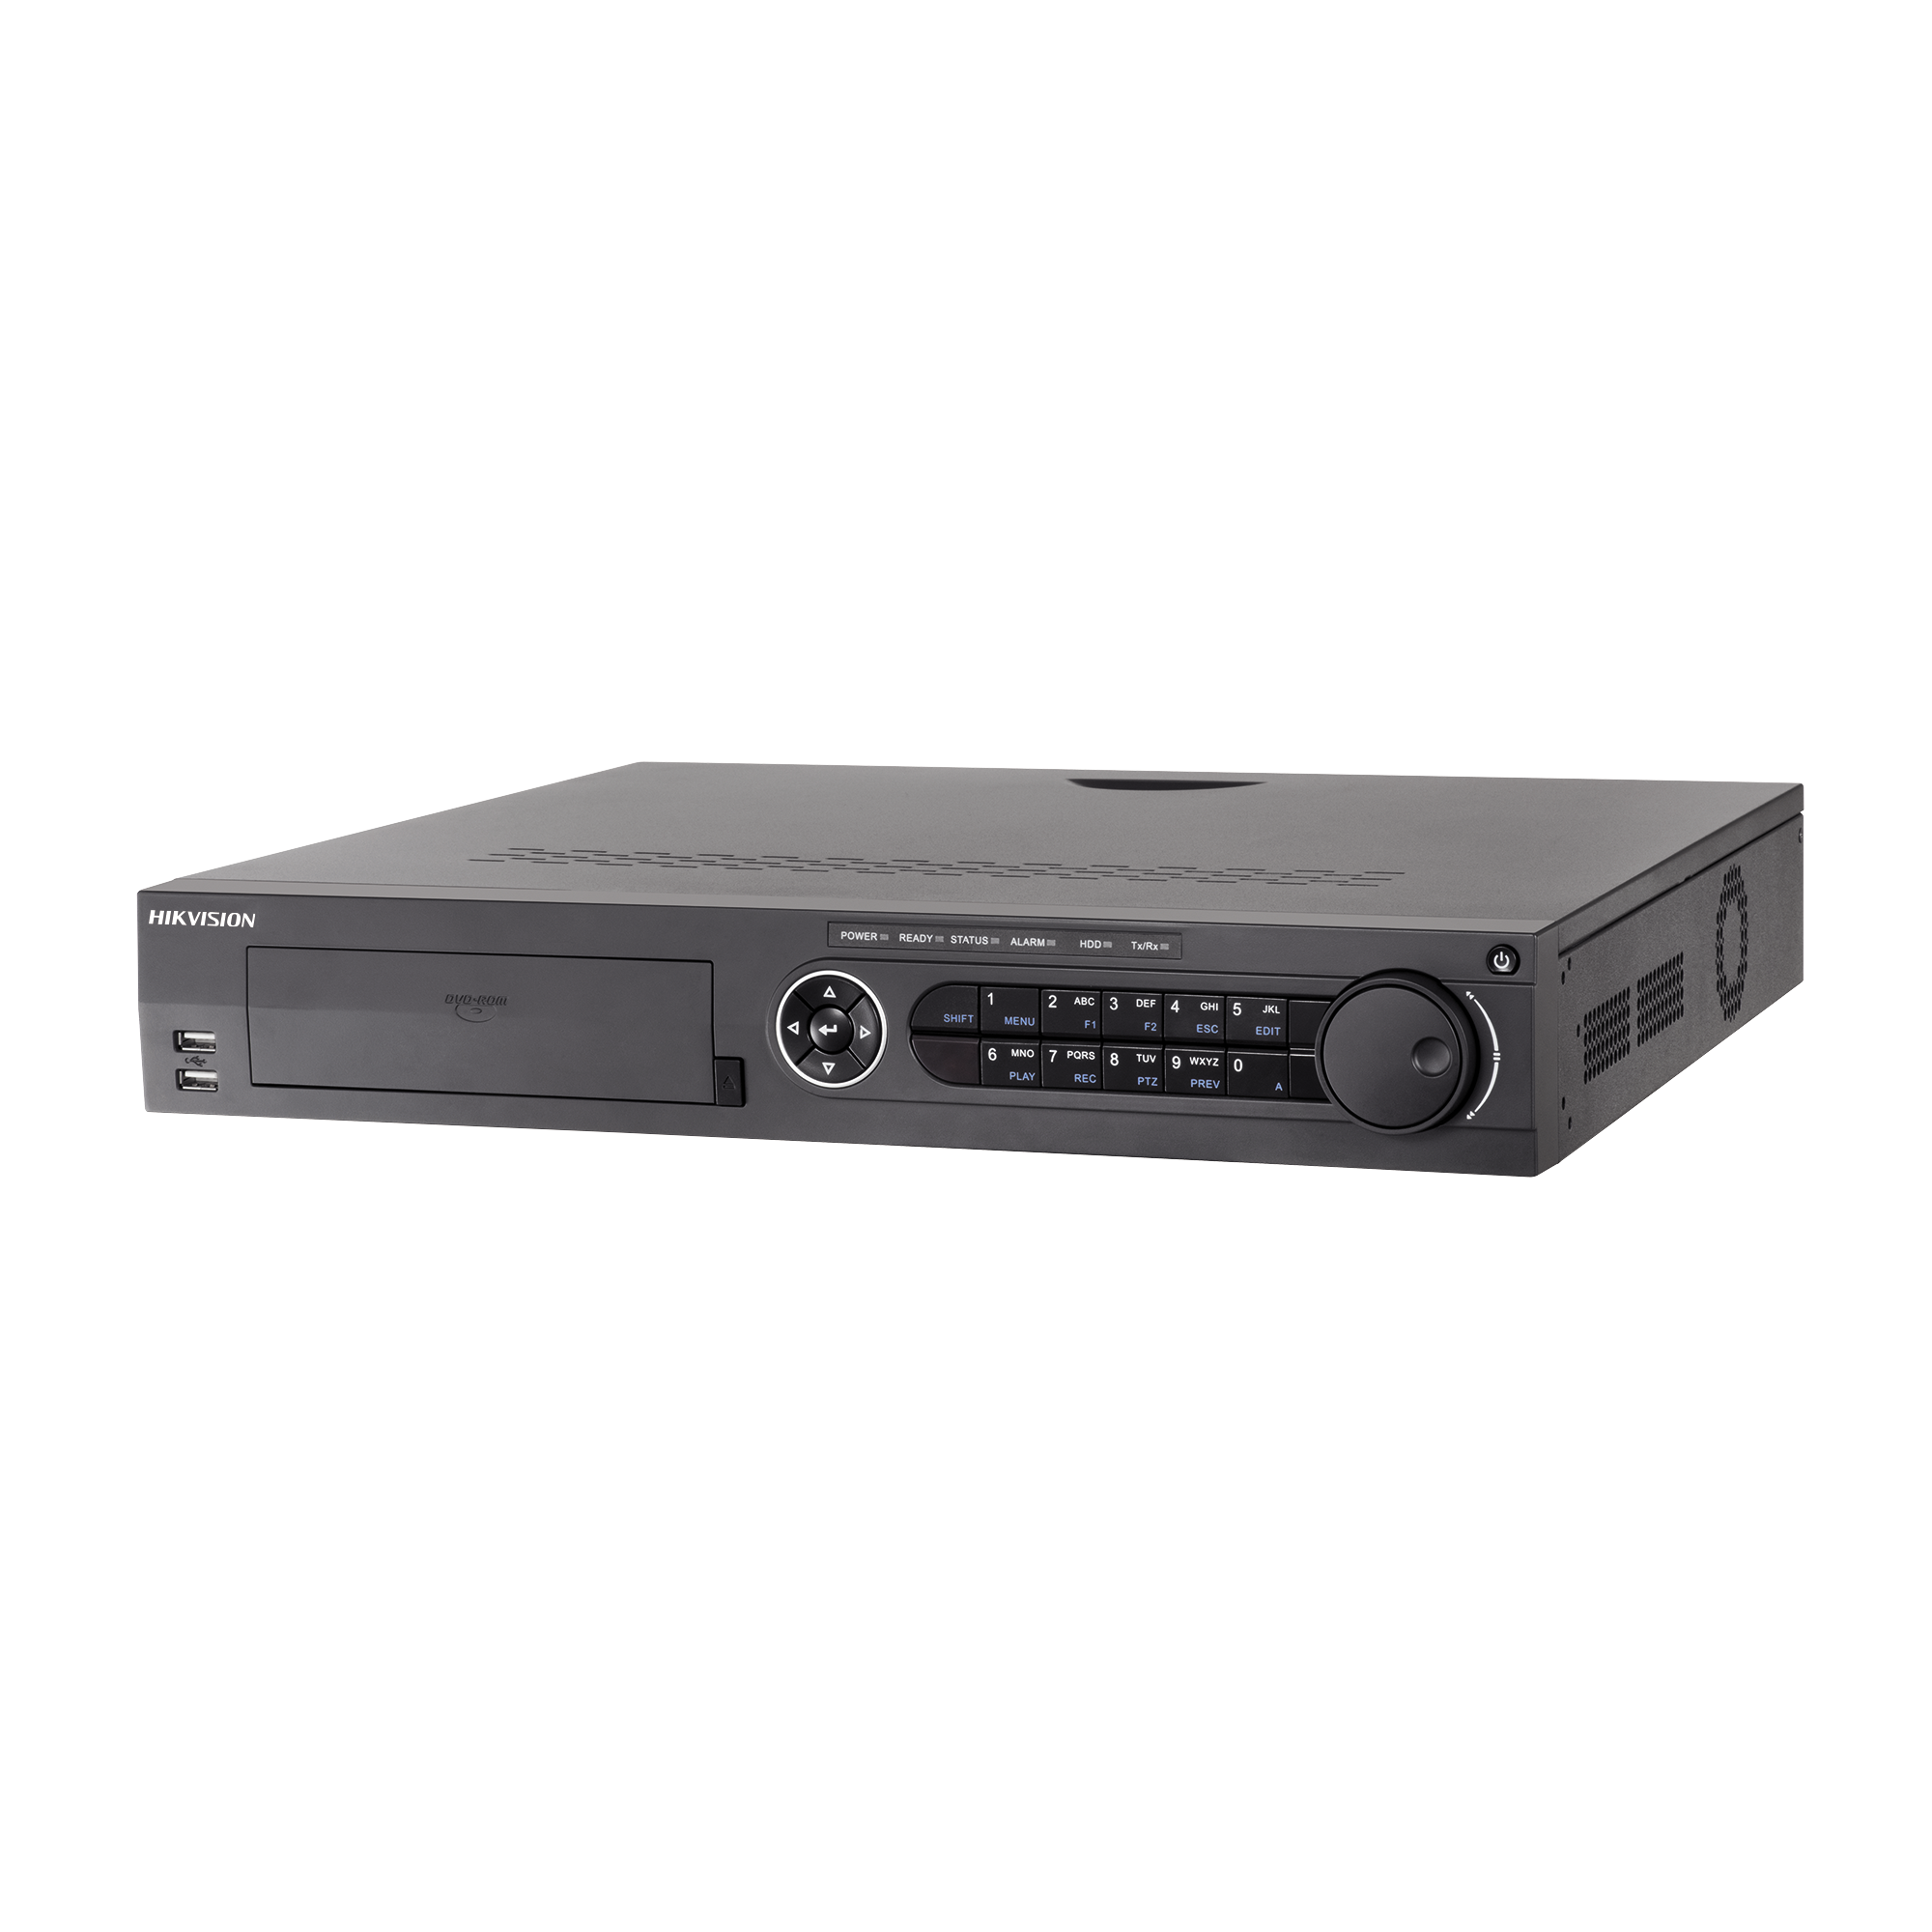 DVR 4 Megapixel / 32 Canales TURBOHD + 16 Canales IP / 4 Bahías de Disco Duro / 4 Canales de Audio / Videoanalisis / 16 Entradas de Alarma